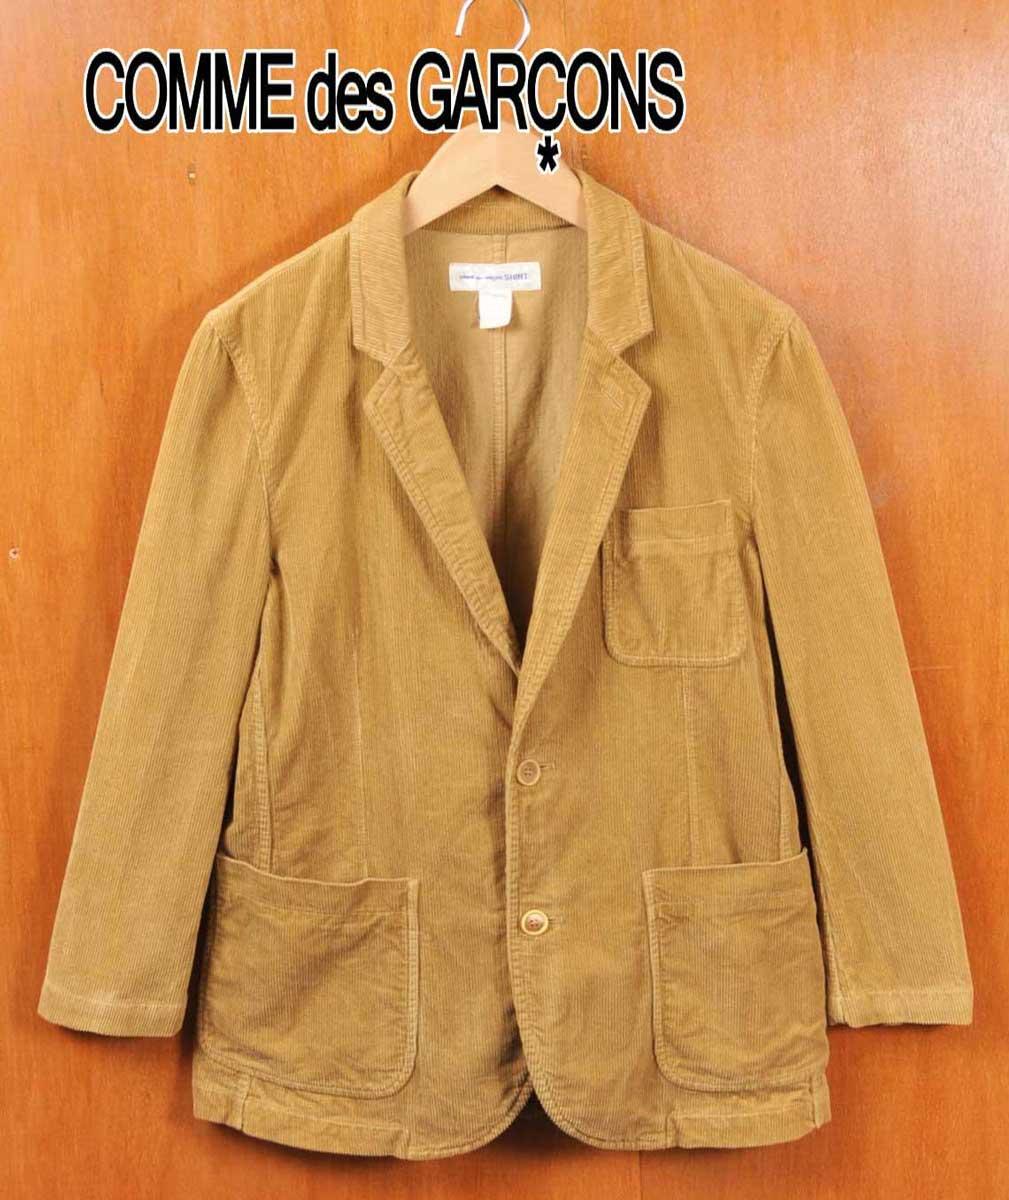 フランス製 / COMME des GARCONS SHIRT コム・デ・ギャルソン シャツ / コーデュロイ テーラードジャケットスタイル 2つボタンジャケット / オーカー / メンズS【中古】▽